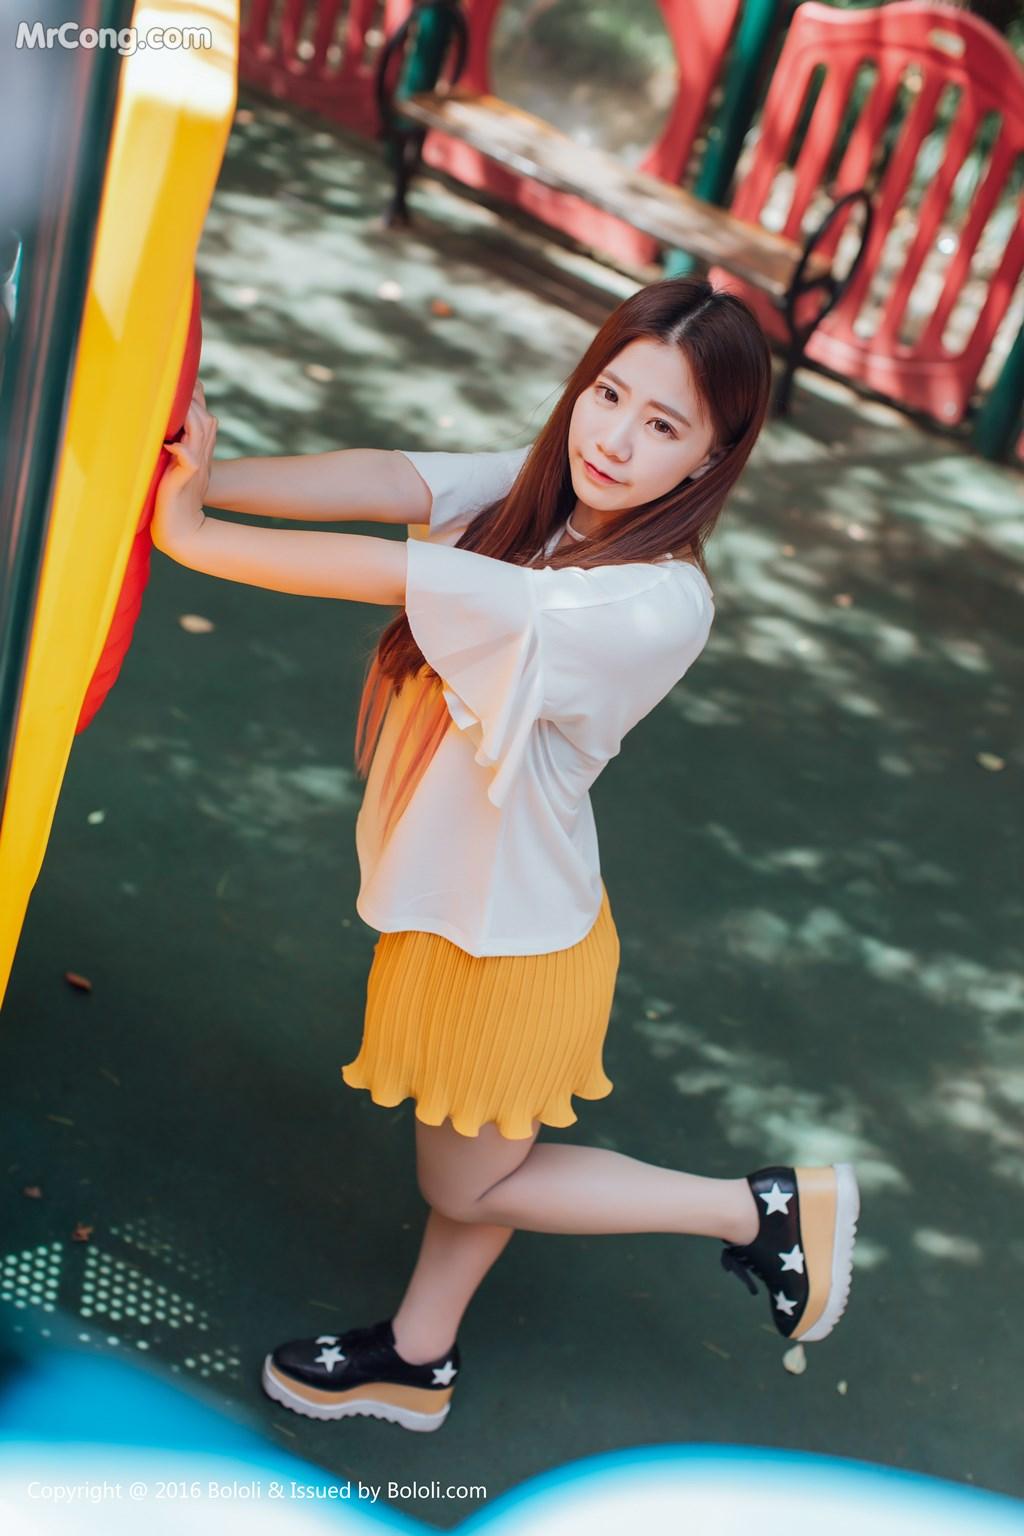 Image Tukmo-Vol.109-Dong-Chen-Li-MrCong.com-006 in post Tukmo Vol.109: Người mẫu Dong Chen Li (董成丽) (41 ảnh)